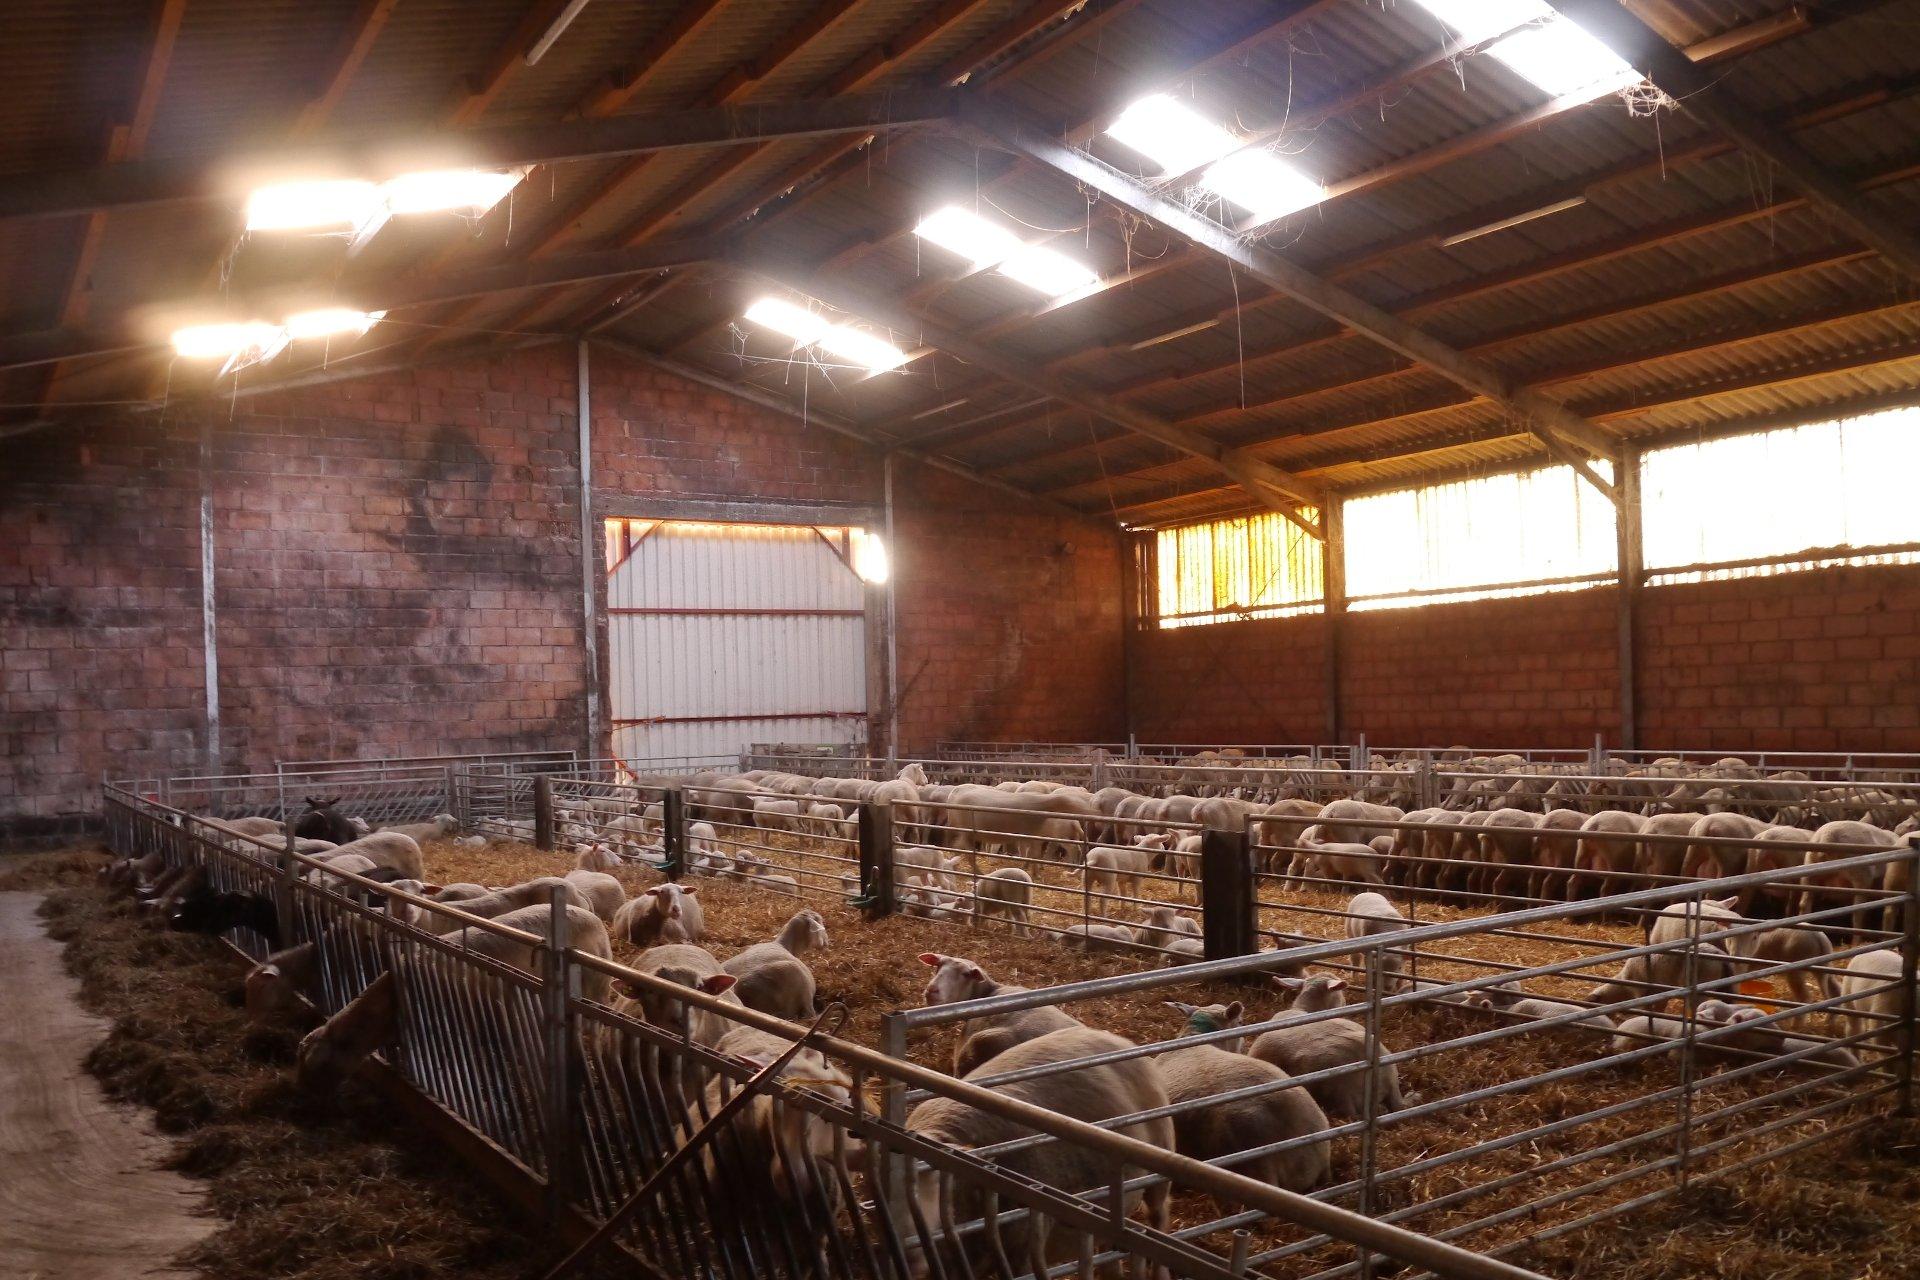 Foto: Schafe im Stall (© Markus Barkhausen)